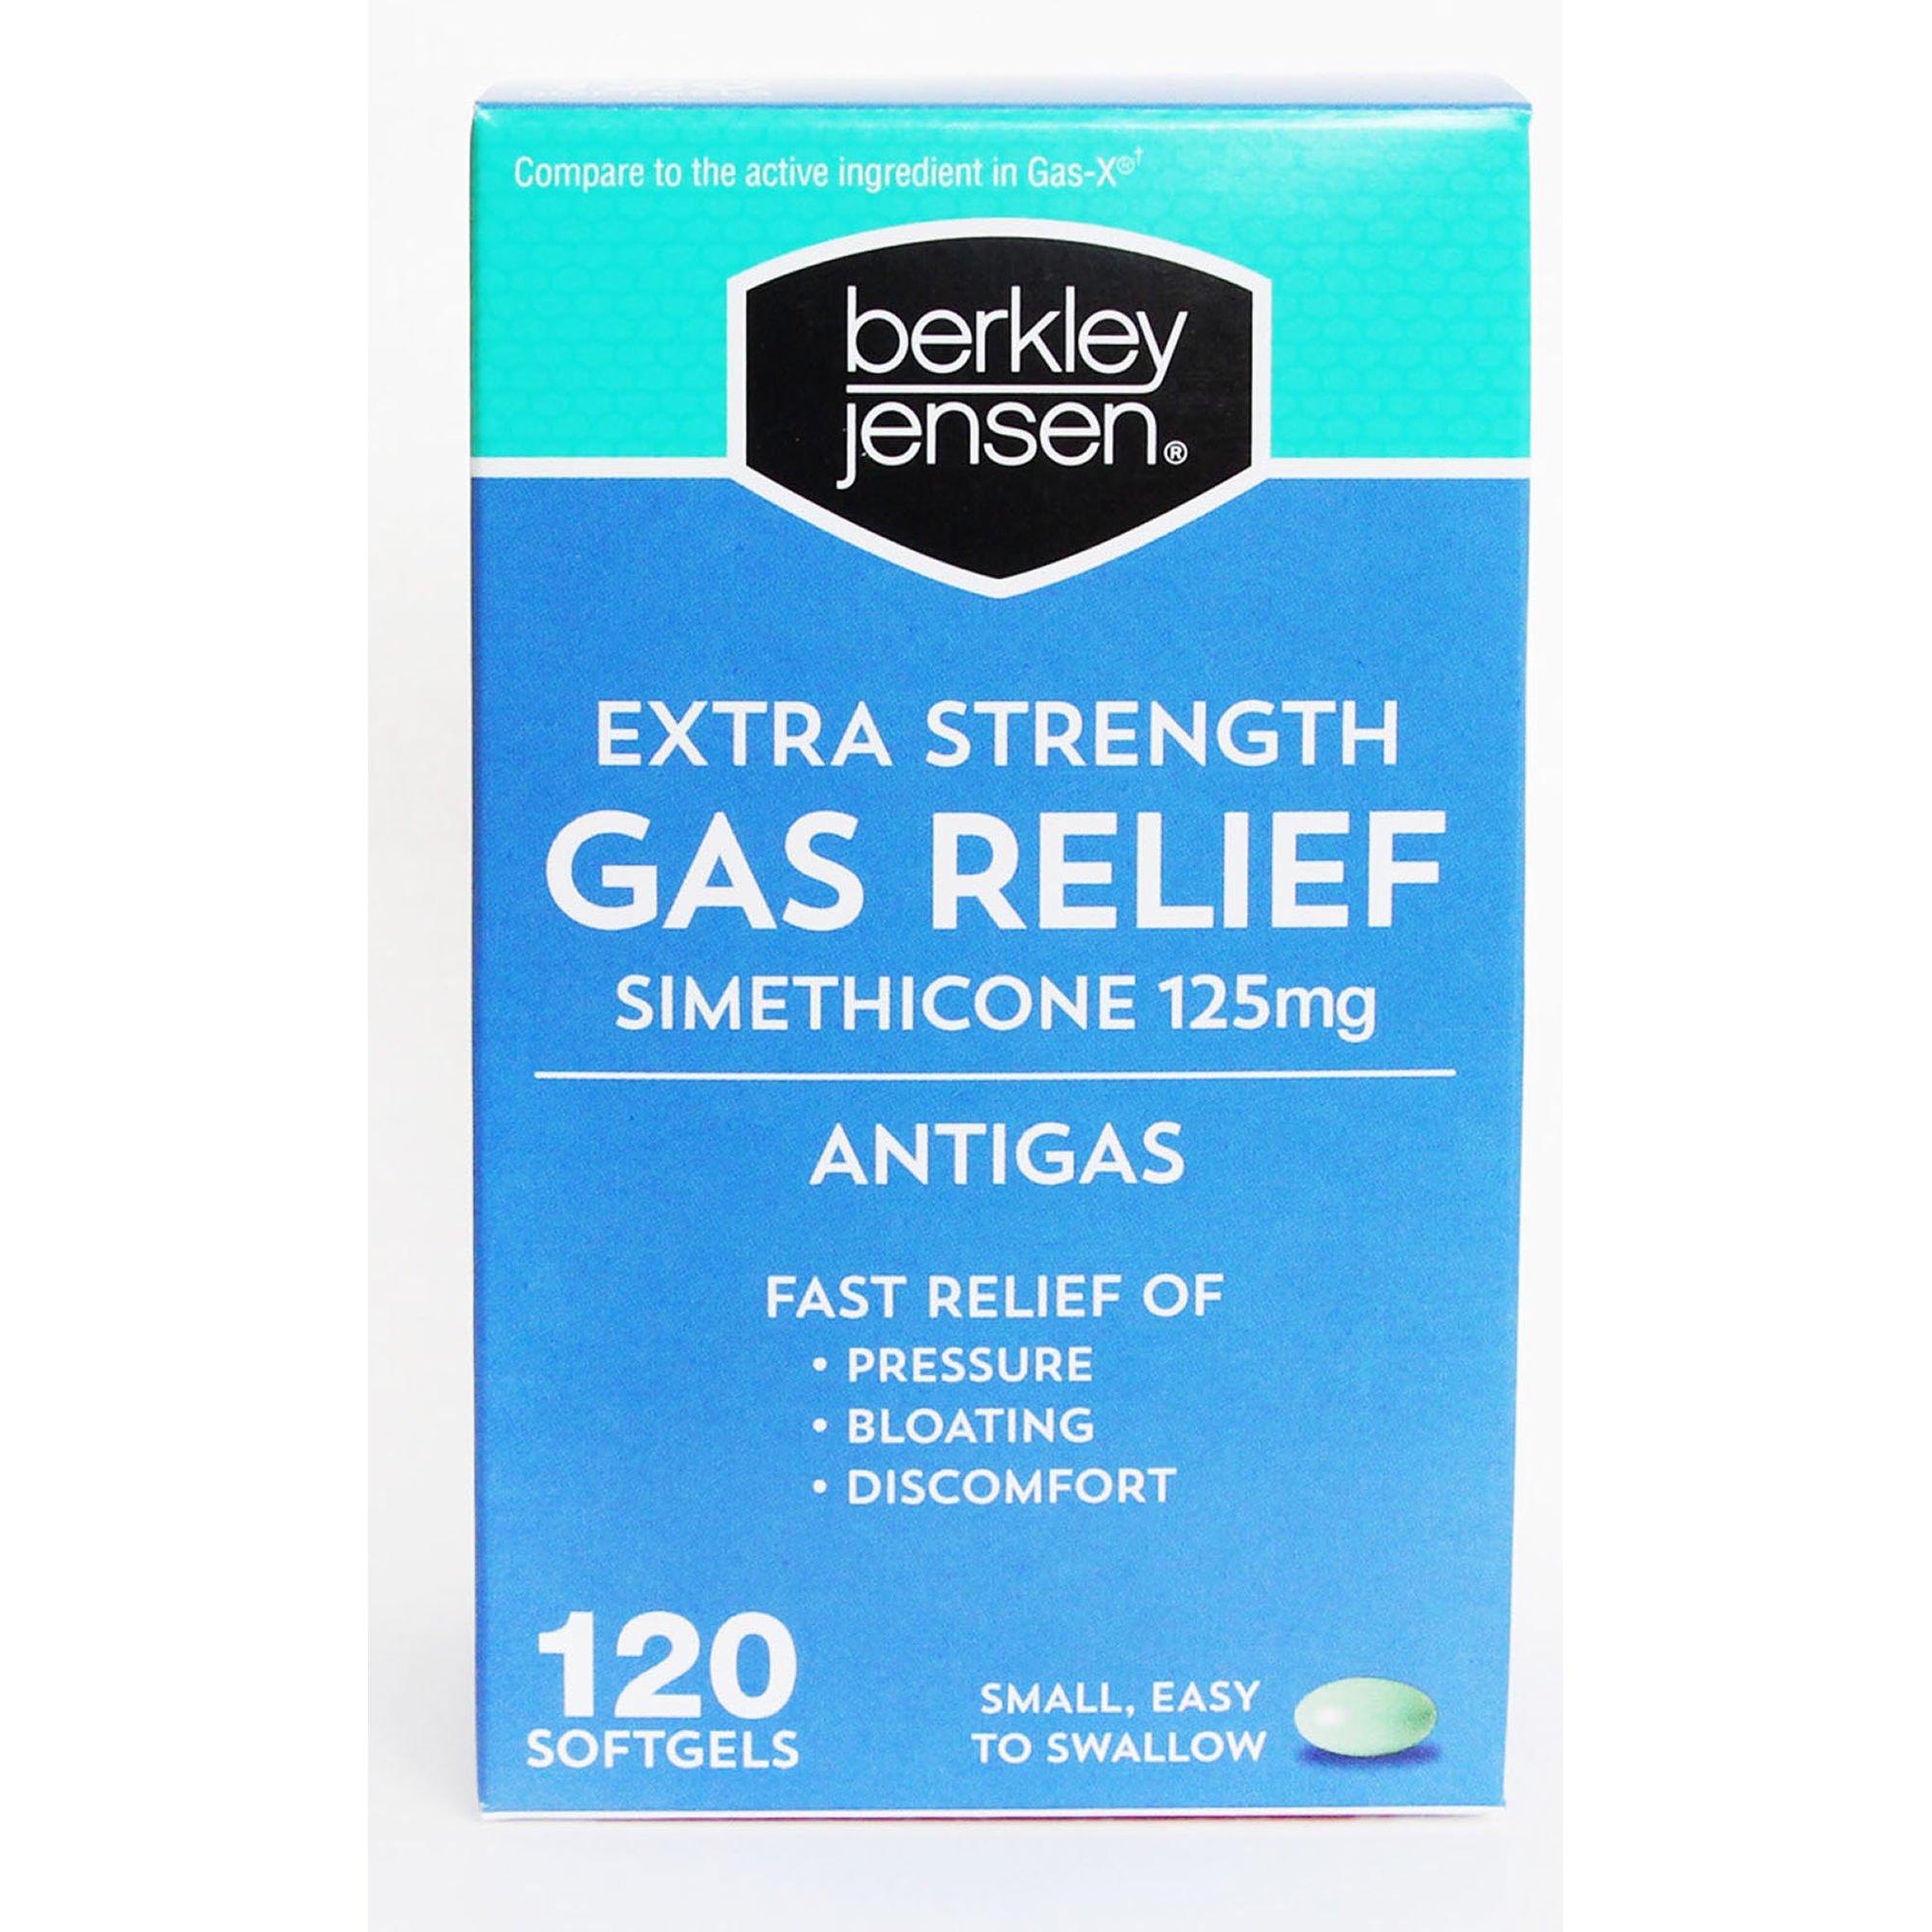 Berkley Jensen Extra Strength Gas Relief Softgels, 120 ct. (pack of 6)